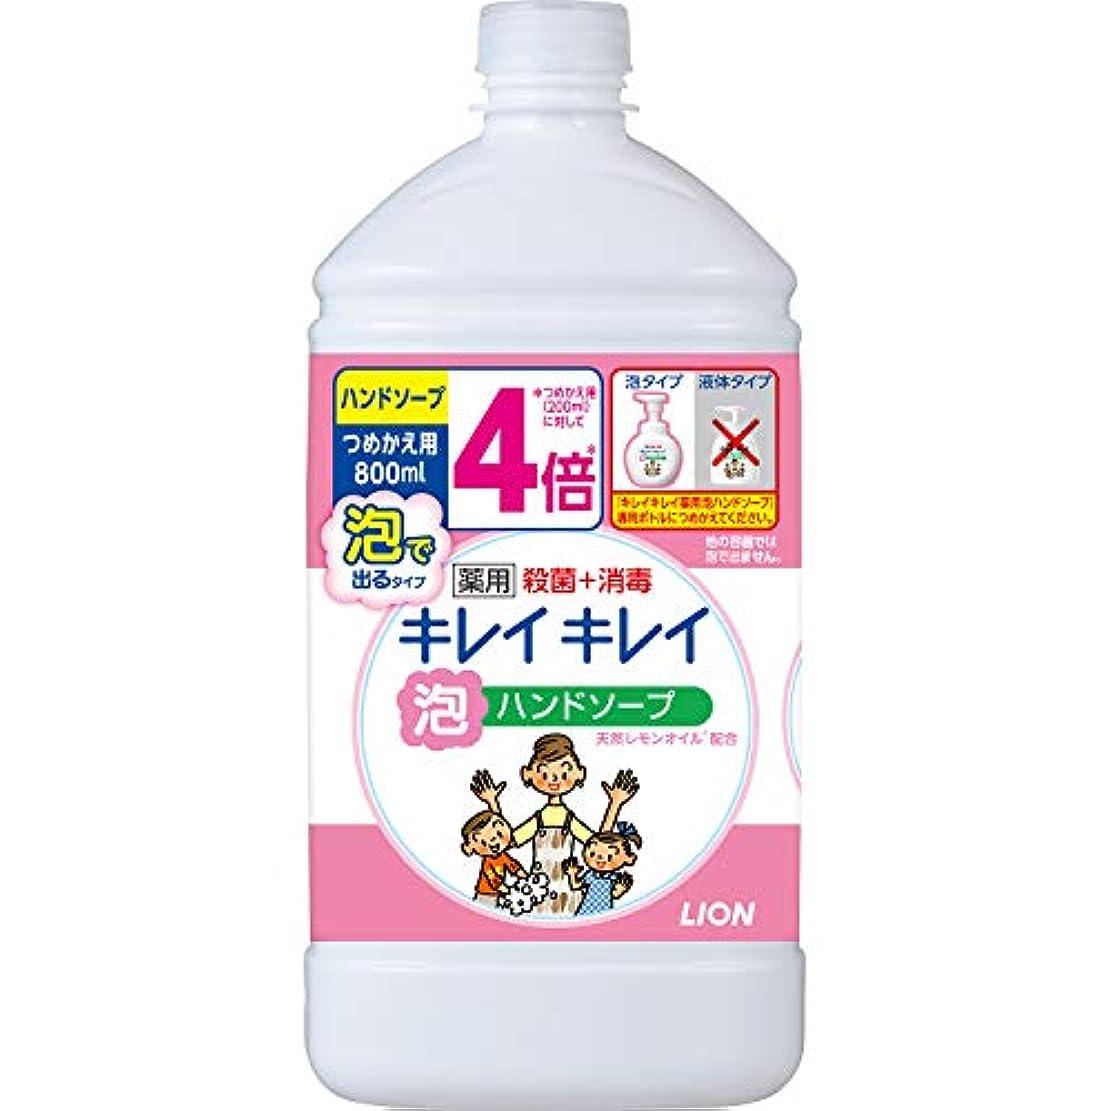 検証娘腹部(医薬部外品)【大容量】キレイキレイ 薬用 泡ハンドソープ シトラスフルーティの香り 詰替特大 800ml